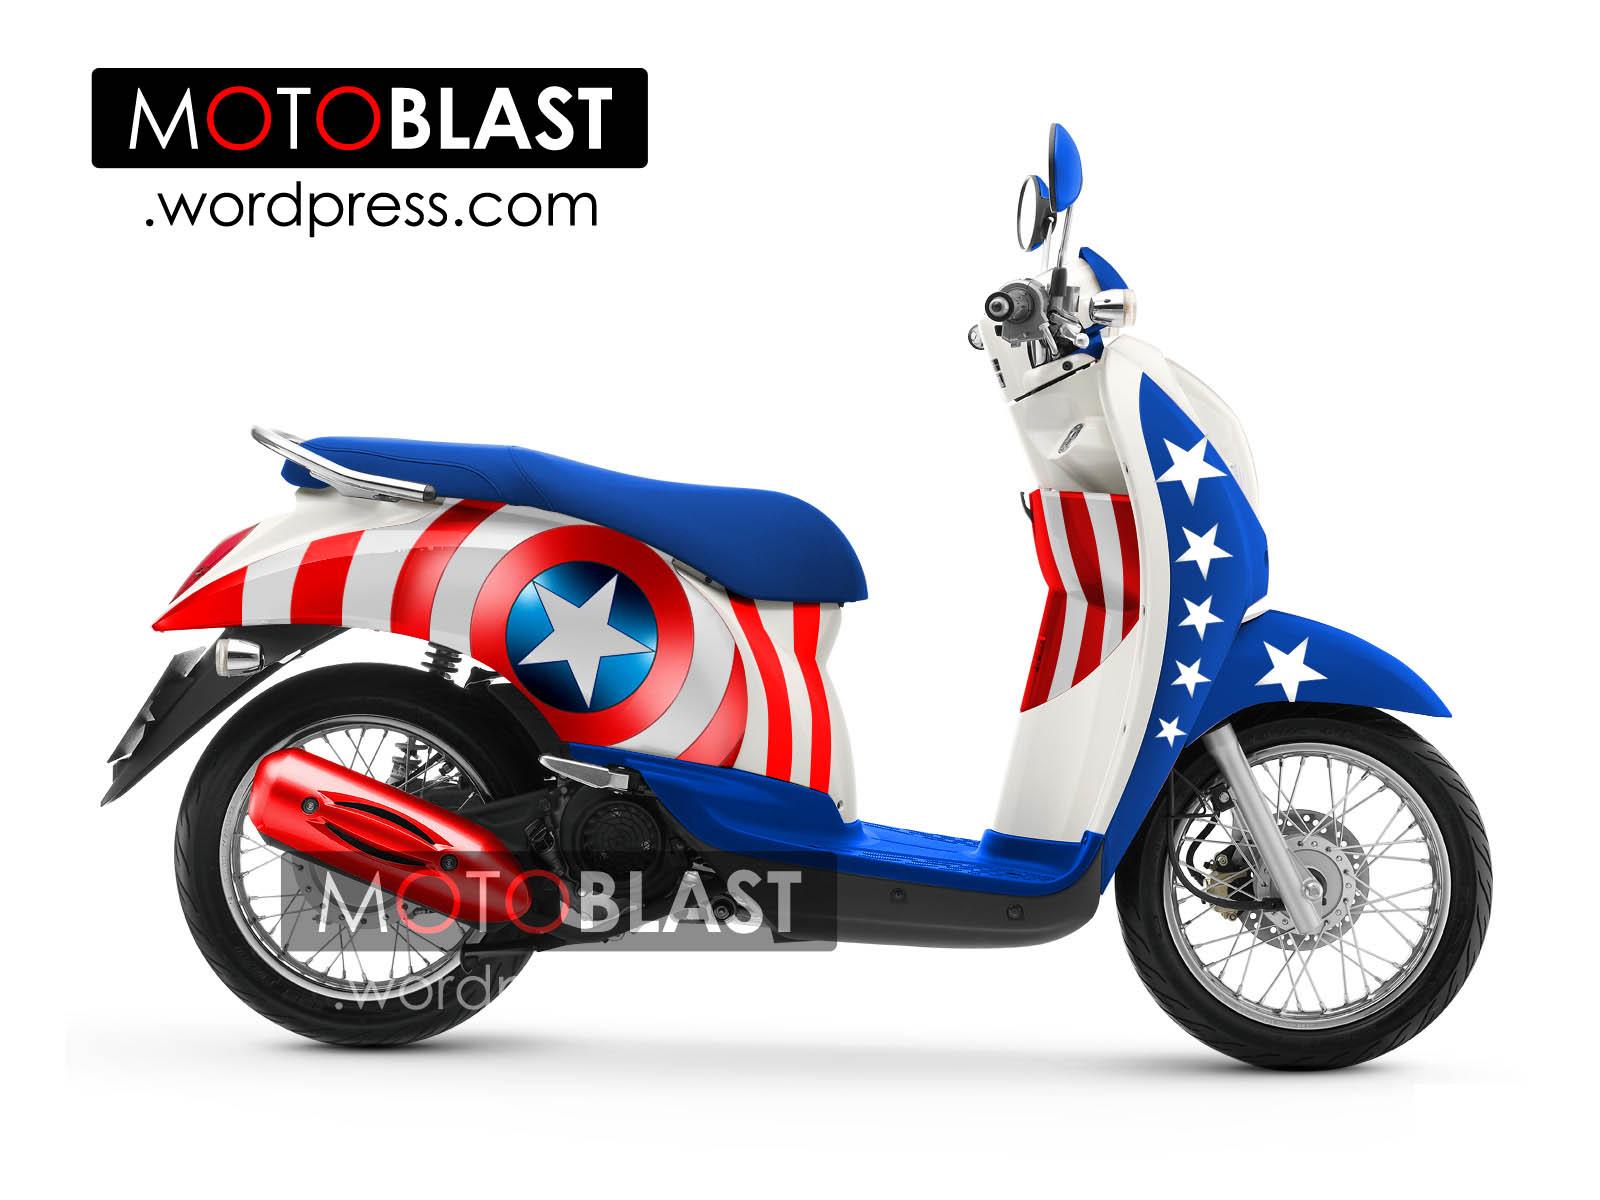 Koleksi modifikasi body motor scoopy terkeren modif striping honda scoopy captain america motoblast